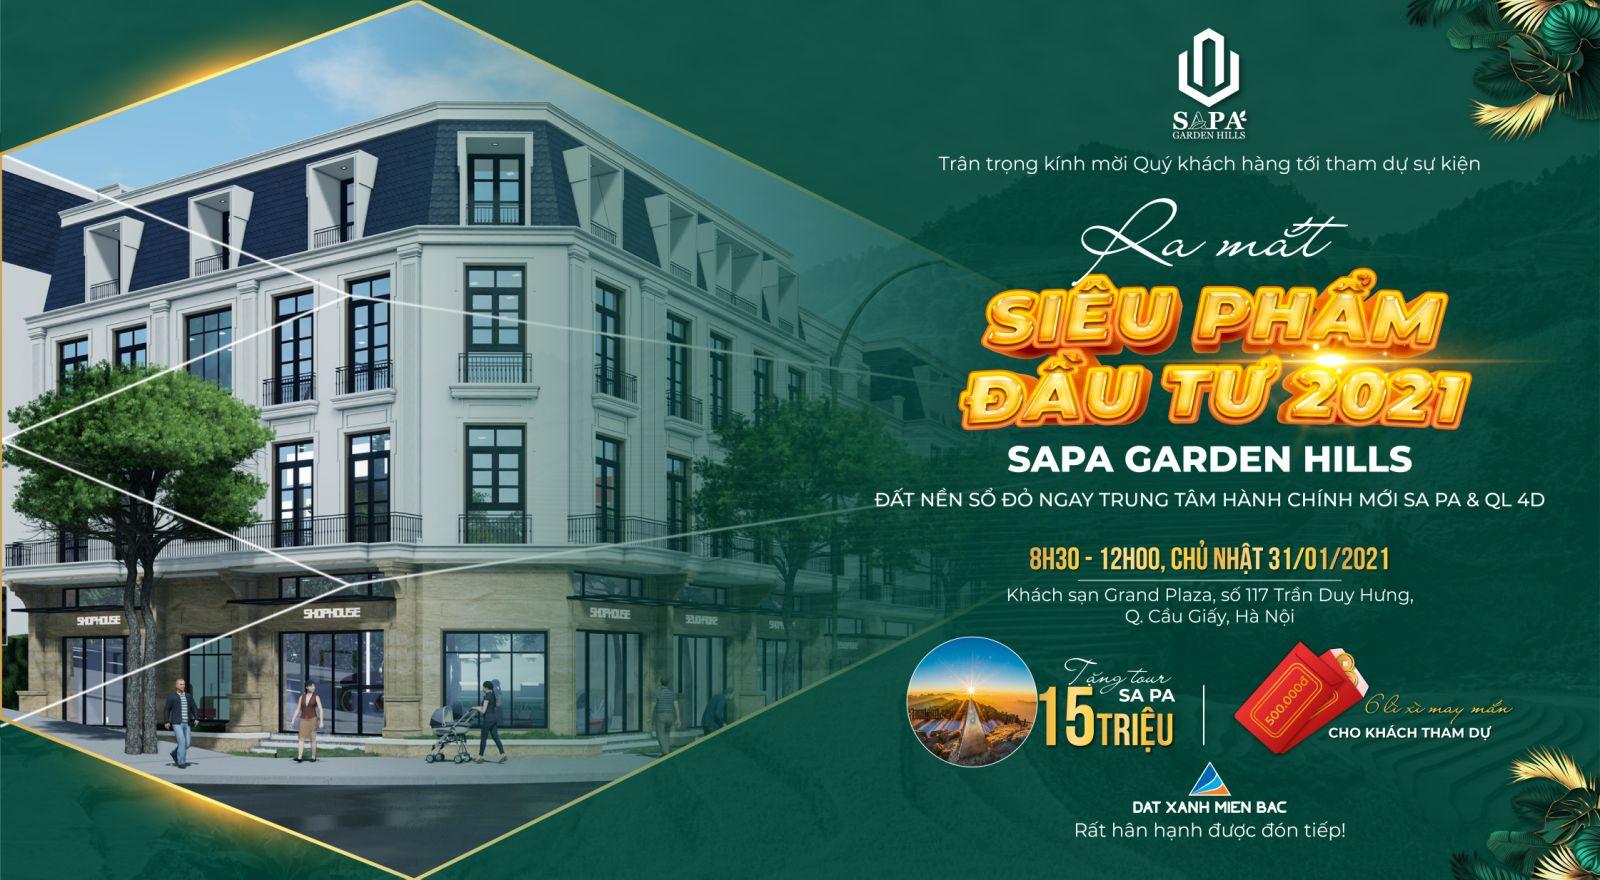 Sự kiện Ra mắt Siêu phẩm Đất nền Đầu Tư 2021 Sapa Garden Hills Lào Cai - Grand Plaza 117 Trần Duy Hưng, Hà Nội